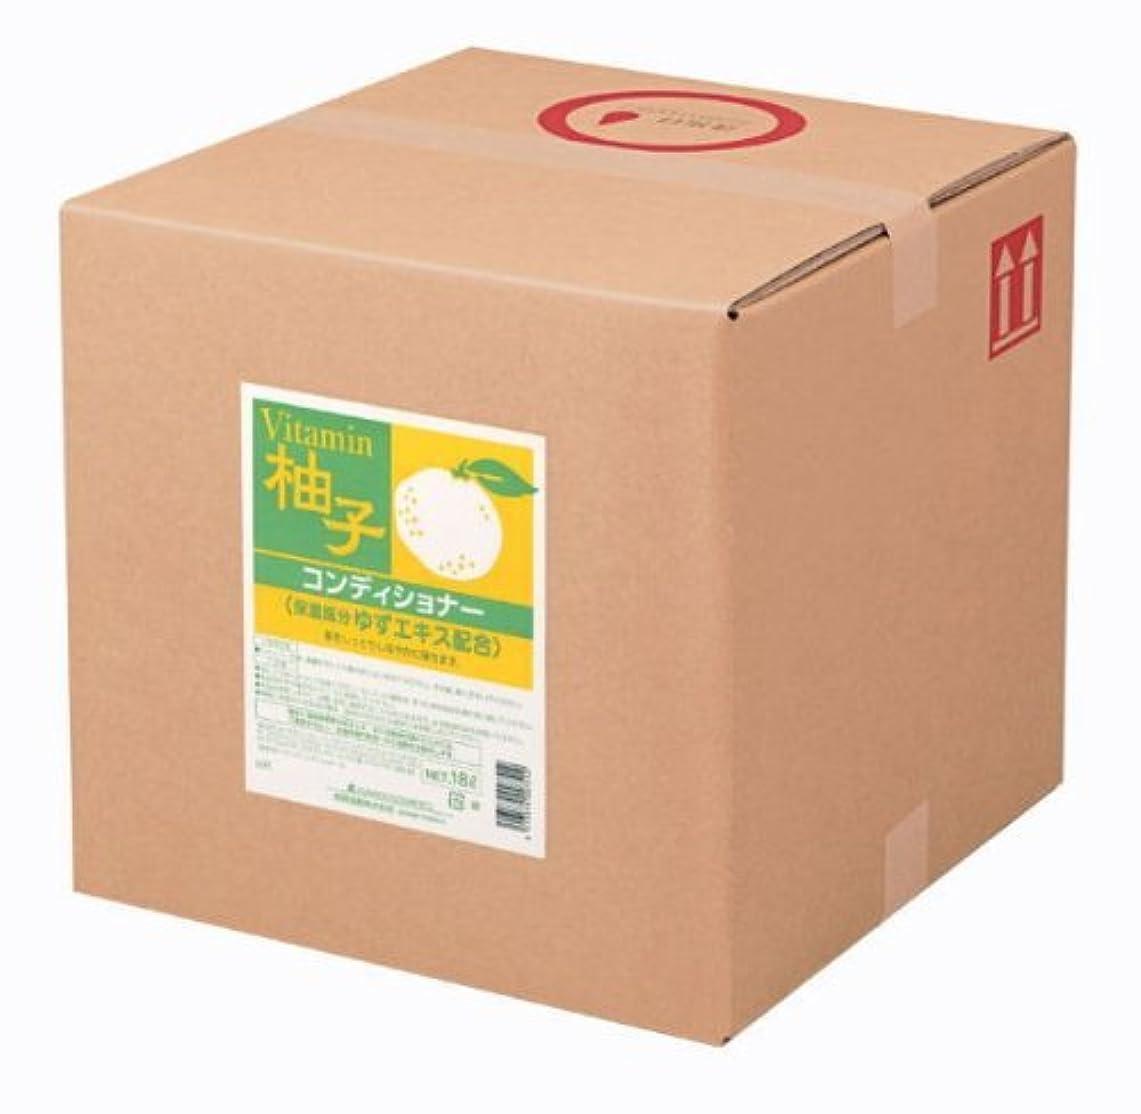 面積拘束深く熊野油脂 業務用 柚子 コンディショナー 18L